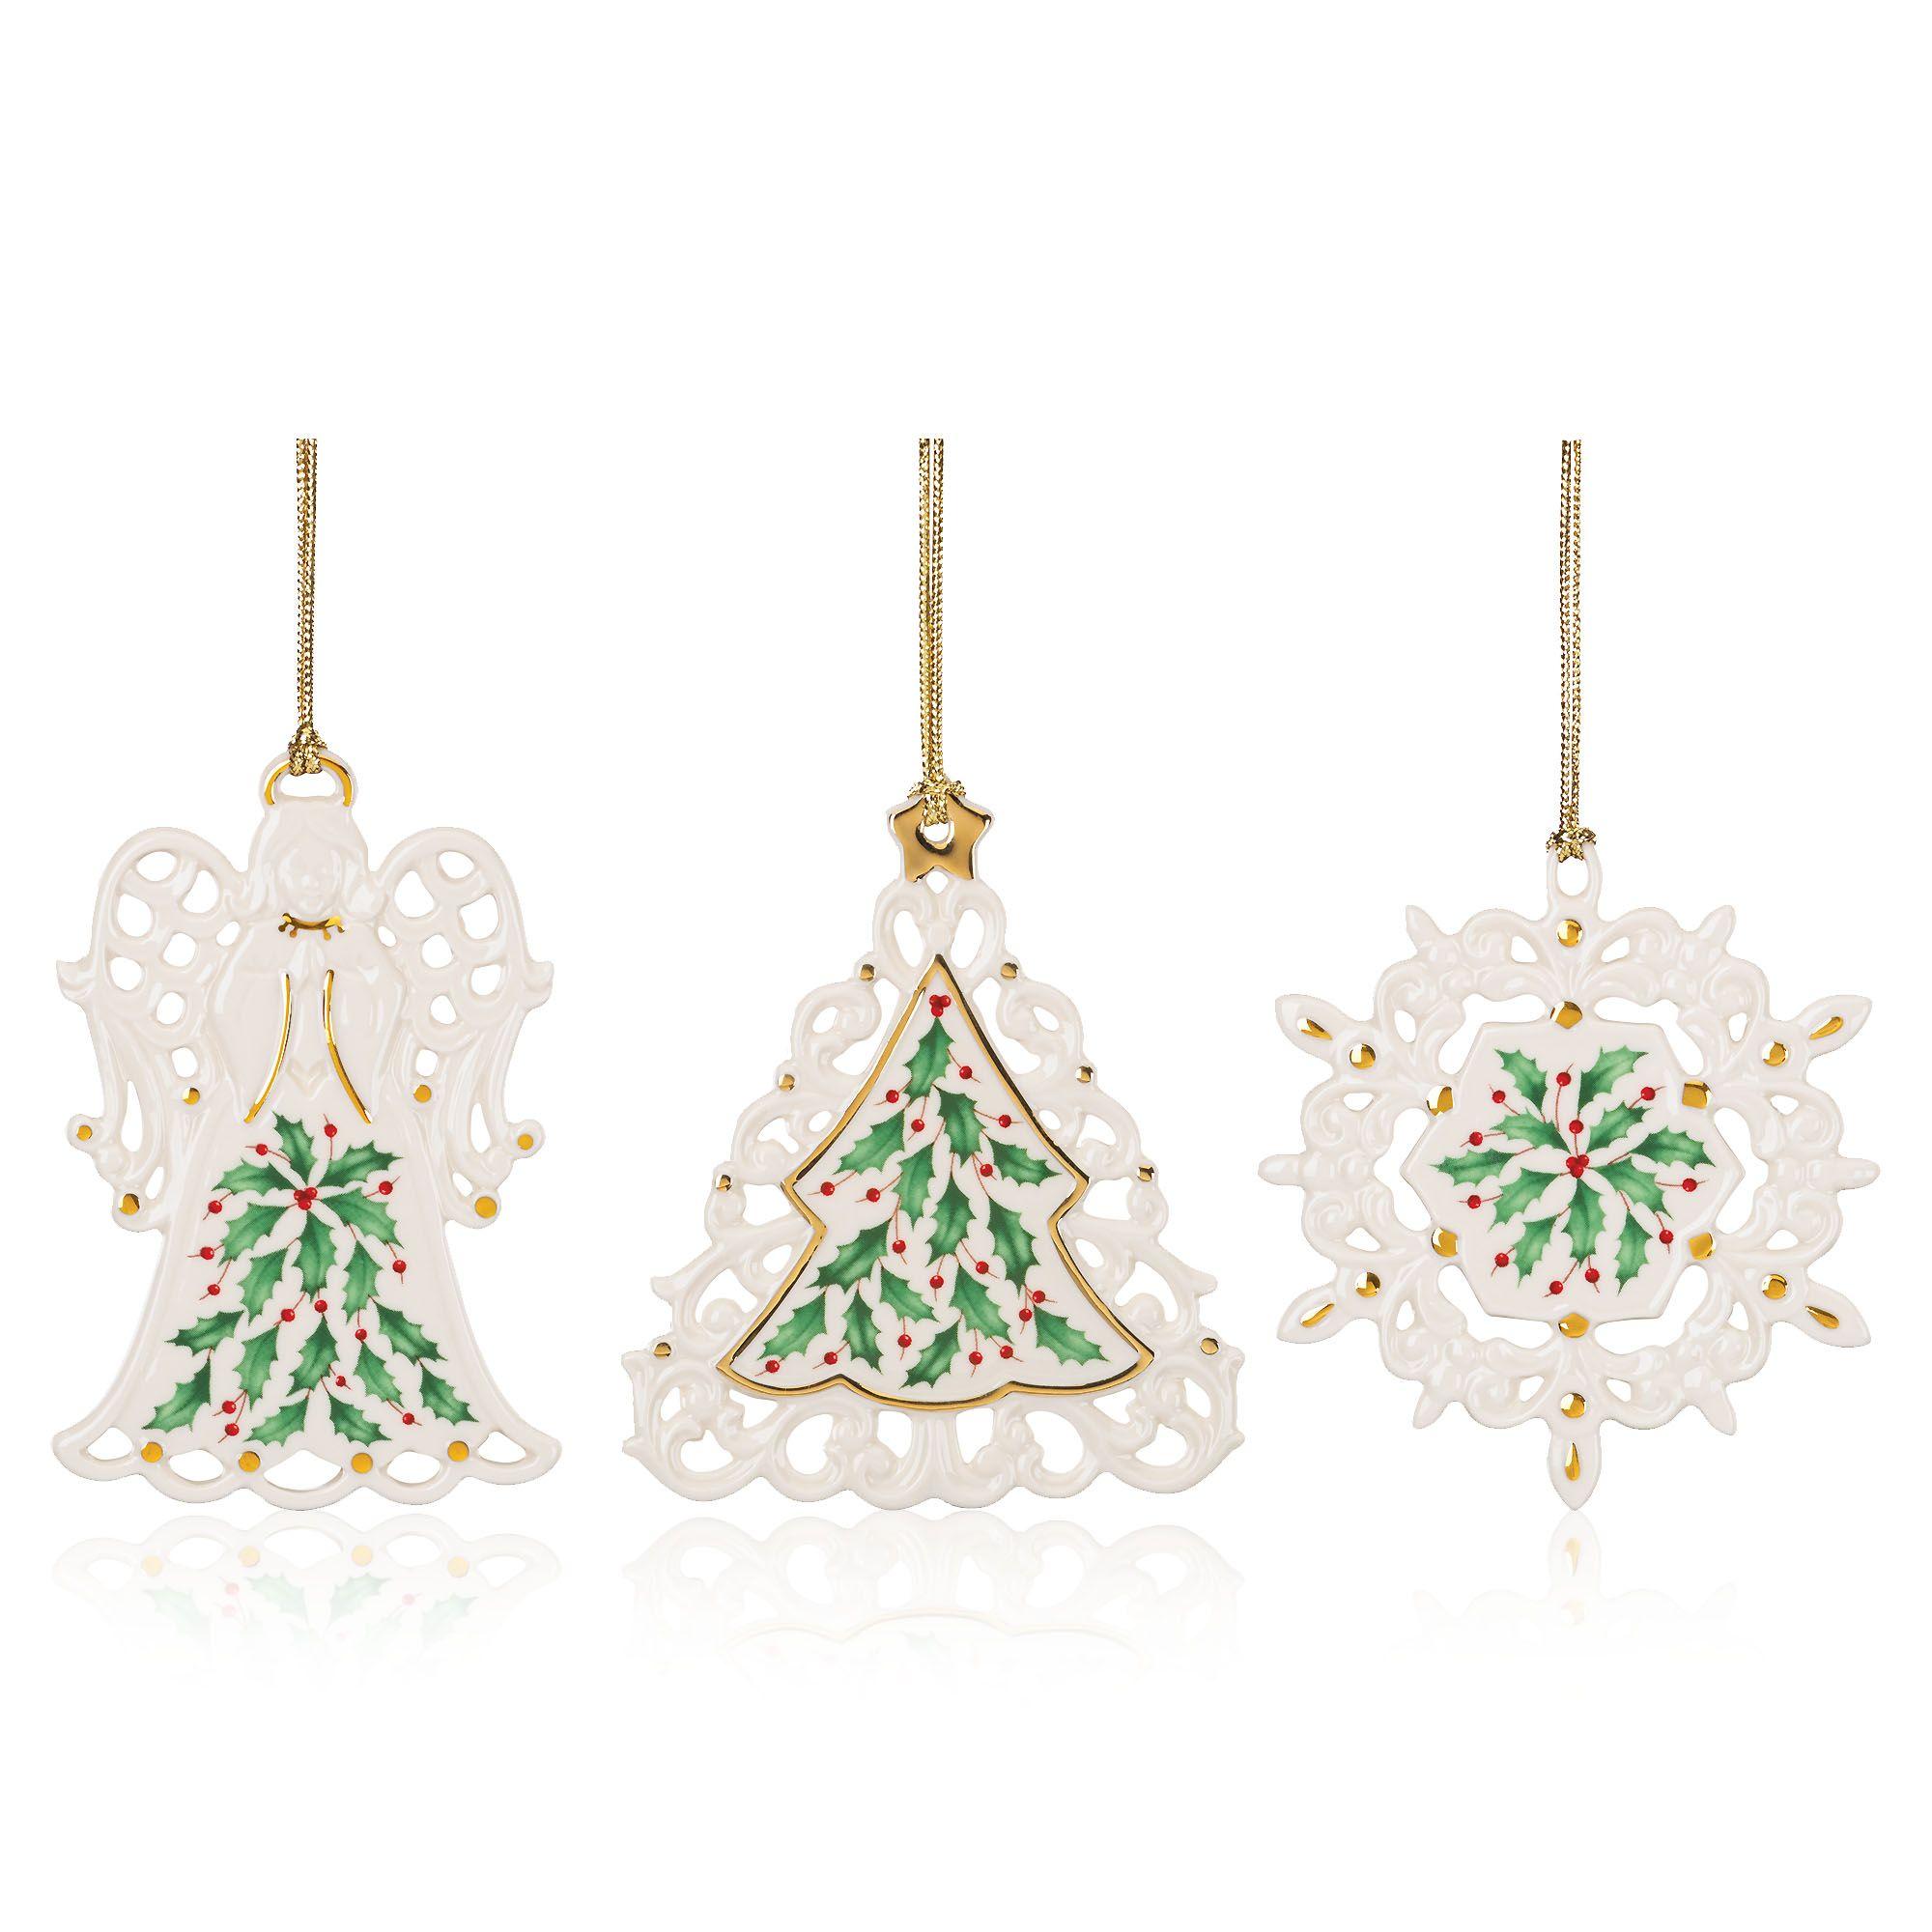 Lenox 3 decorazioni natalizie in porcellana con confezione - Qvc marchi cucina ...